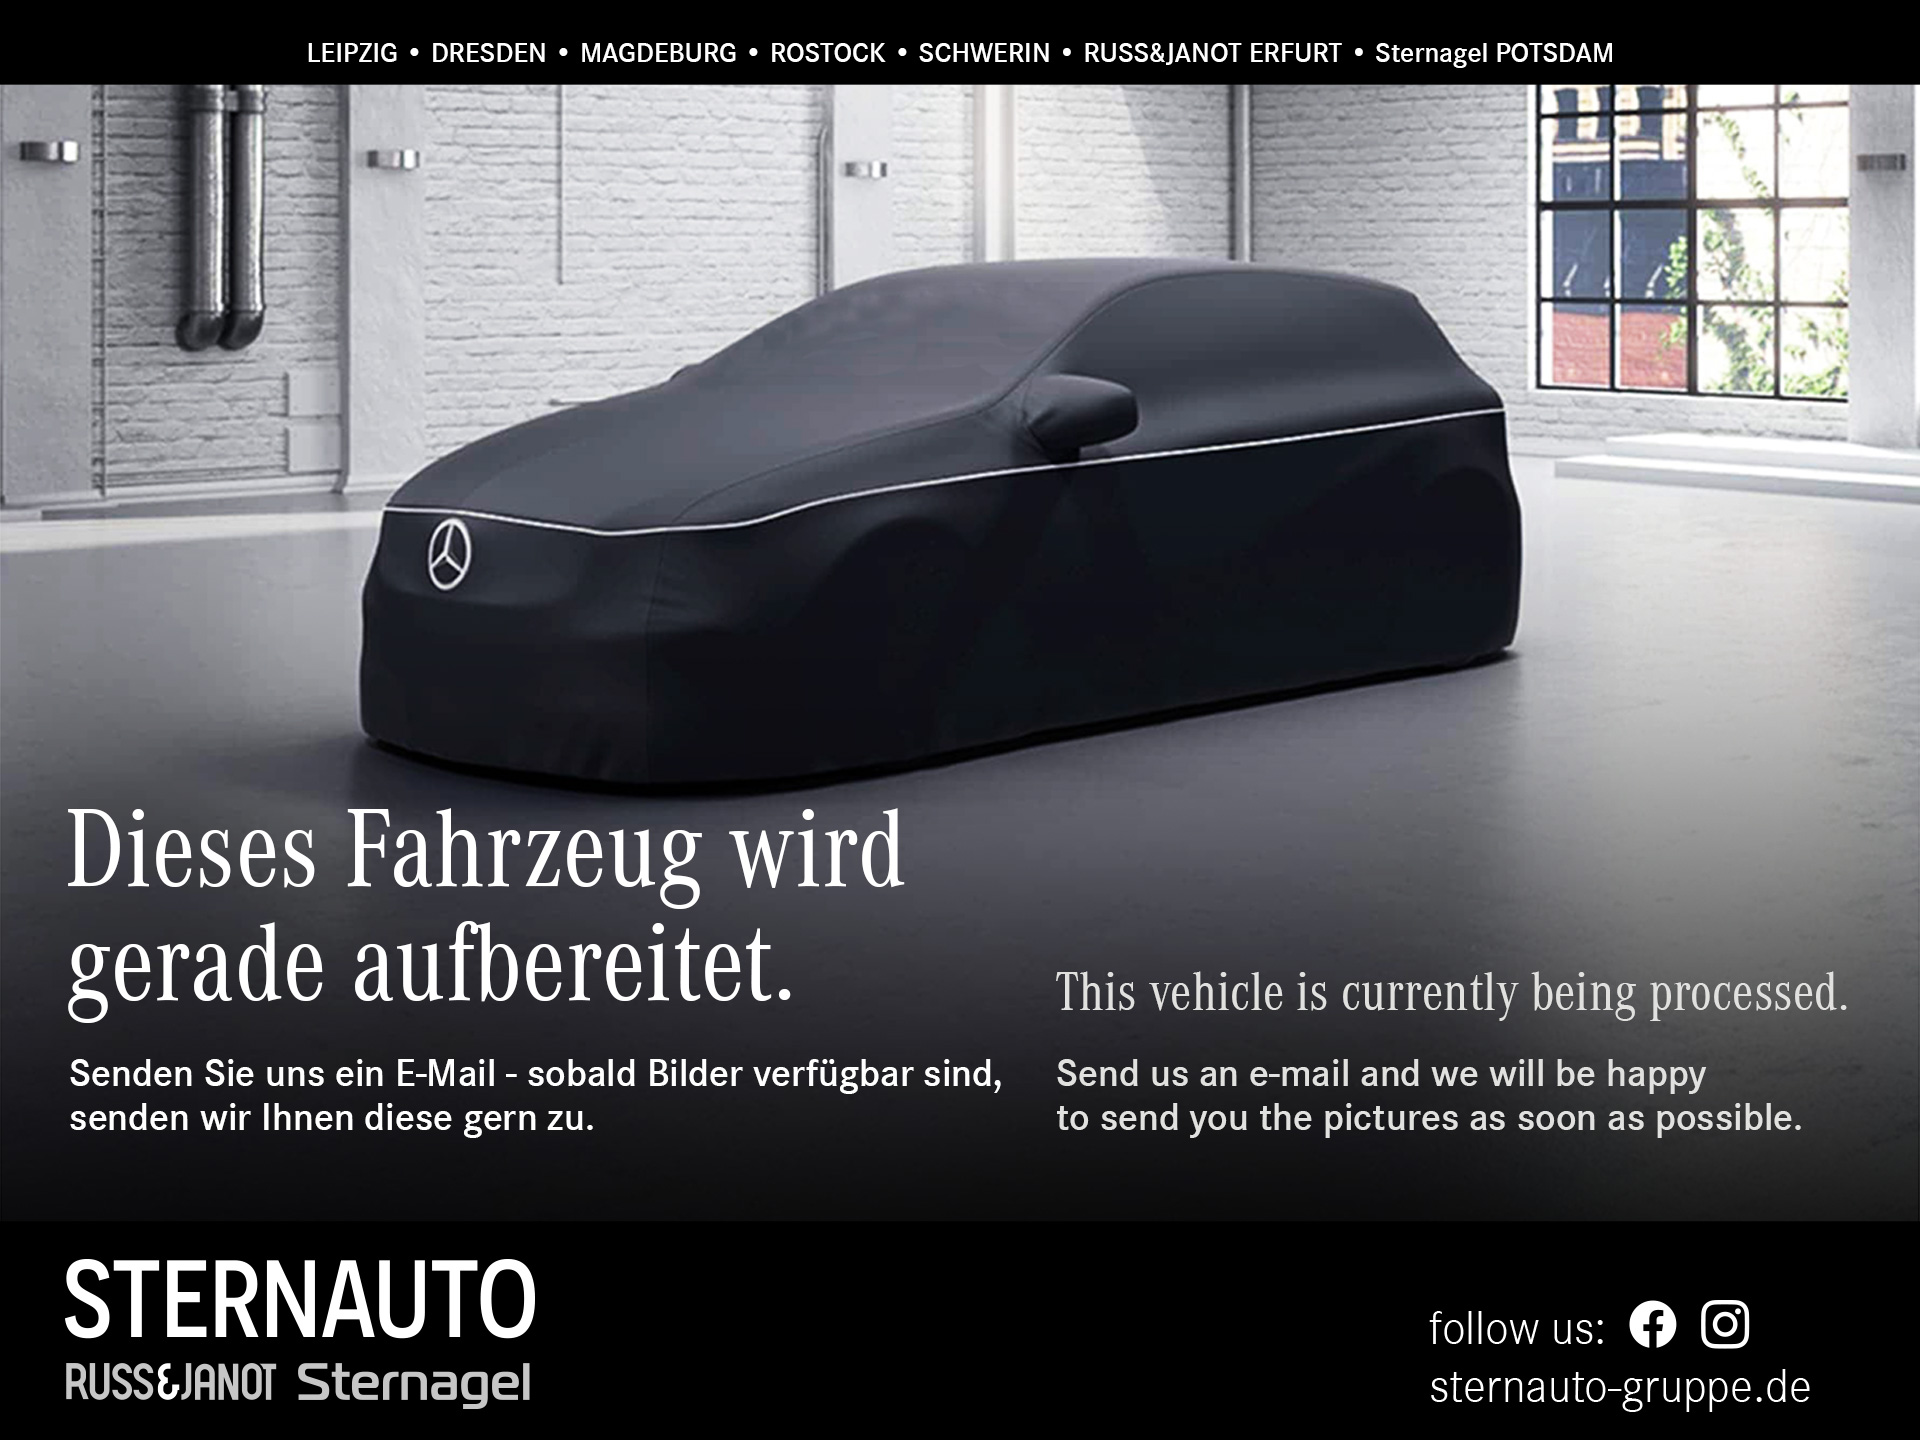 Mercedes-Benz A 200 d Urban/Navi/Pano.-Dach/Navi/Parktronic, Jahr 2016, Diesel